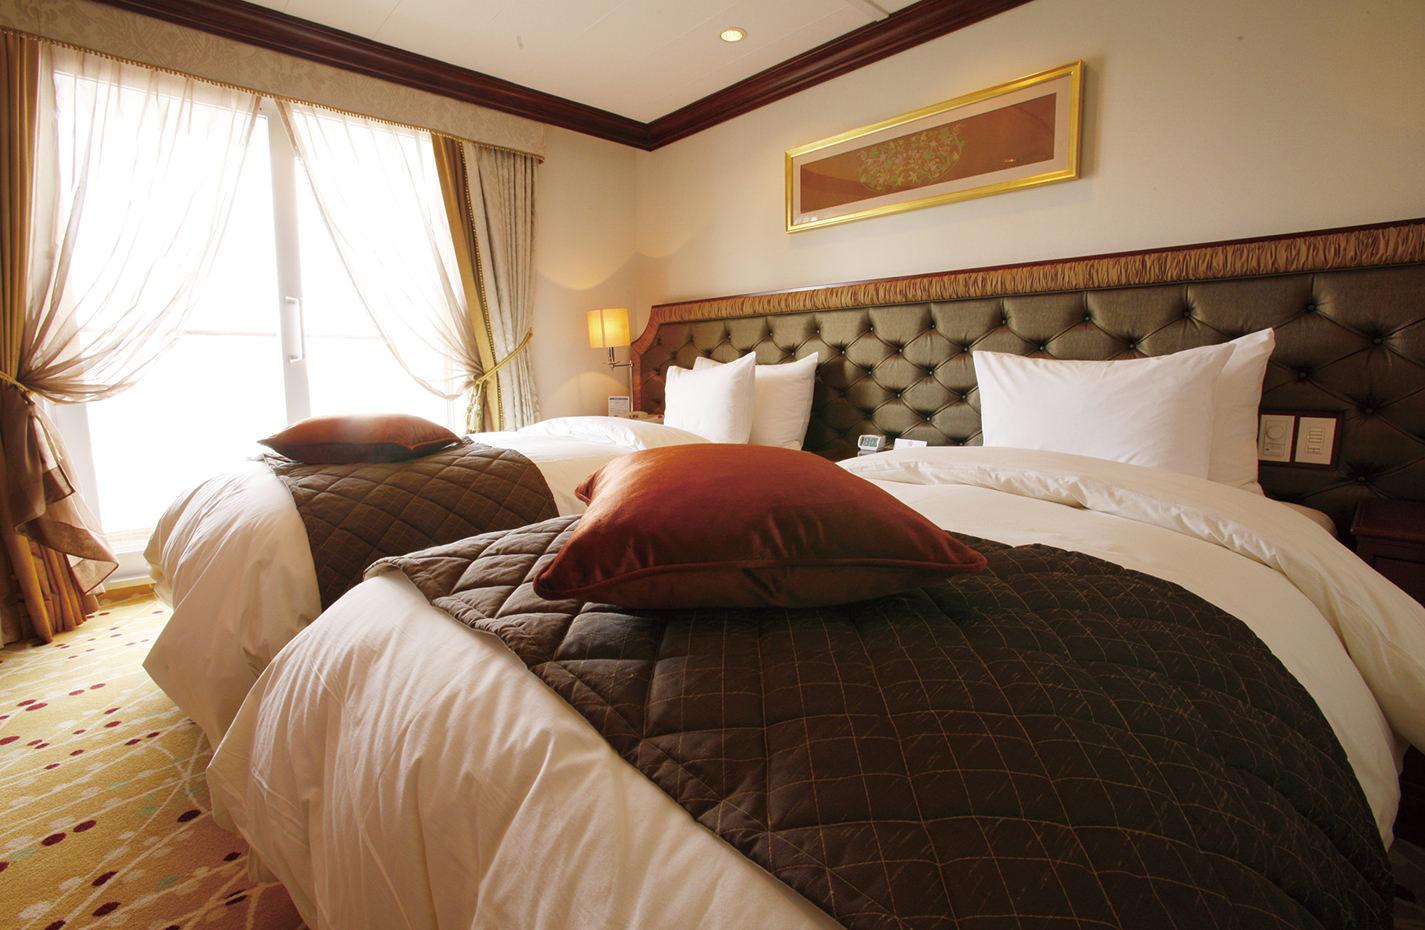 旅の疲れをいやしてくれる広々としたベッドルーム